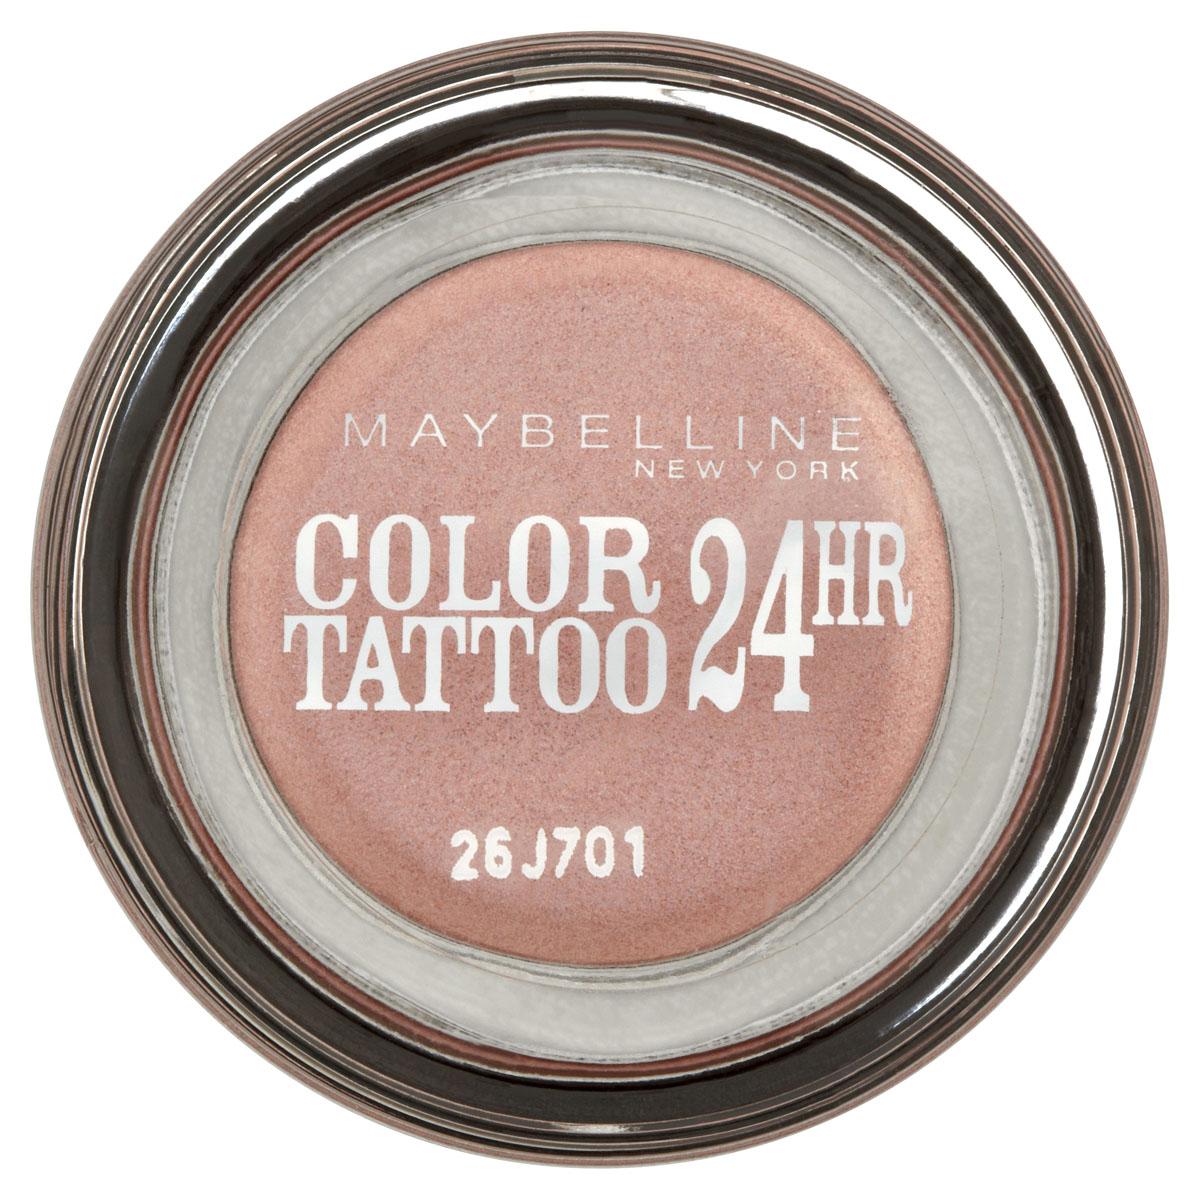 Maybelline New York Тени для век Color Tattoo 24 часа, оттенок 65, Розовое золото, 3,5 мл6Технология тату-пигментов создает яркий, супернасыщенный цвет. Крем-гелевая текстура обеспечивает ультралегкое нанесение и стойкость на 24 часа.12 оттенков